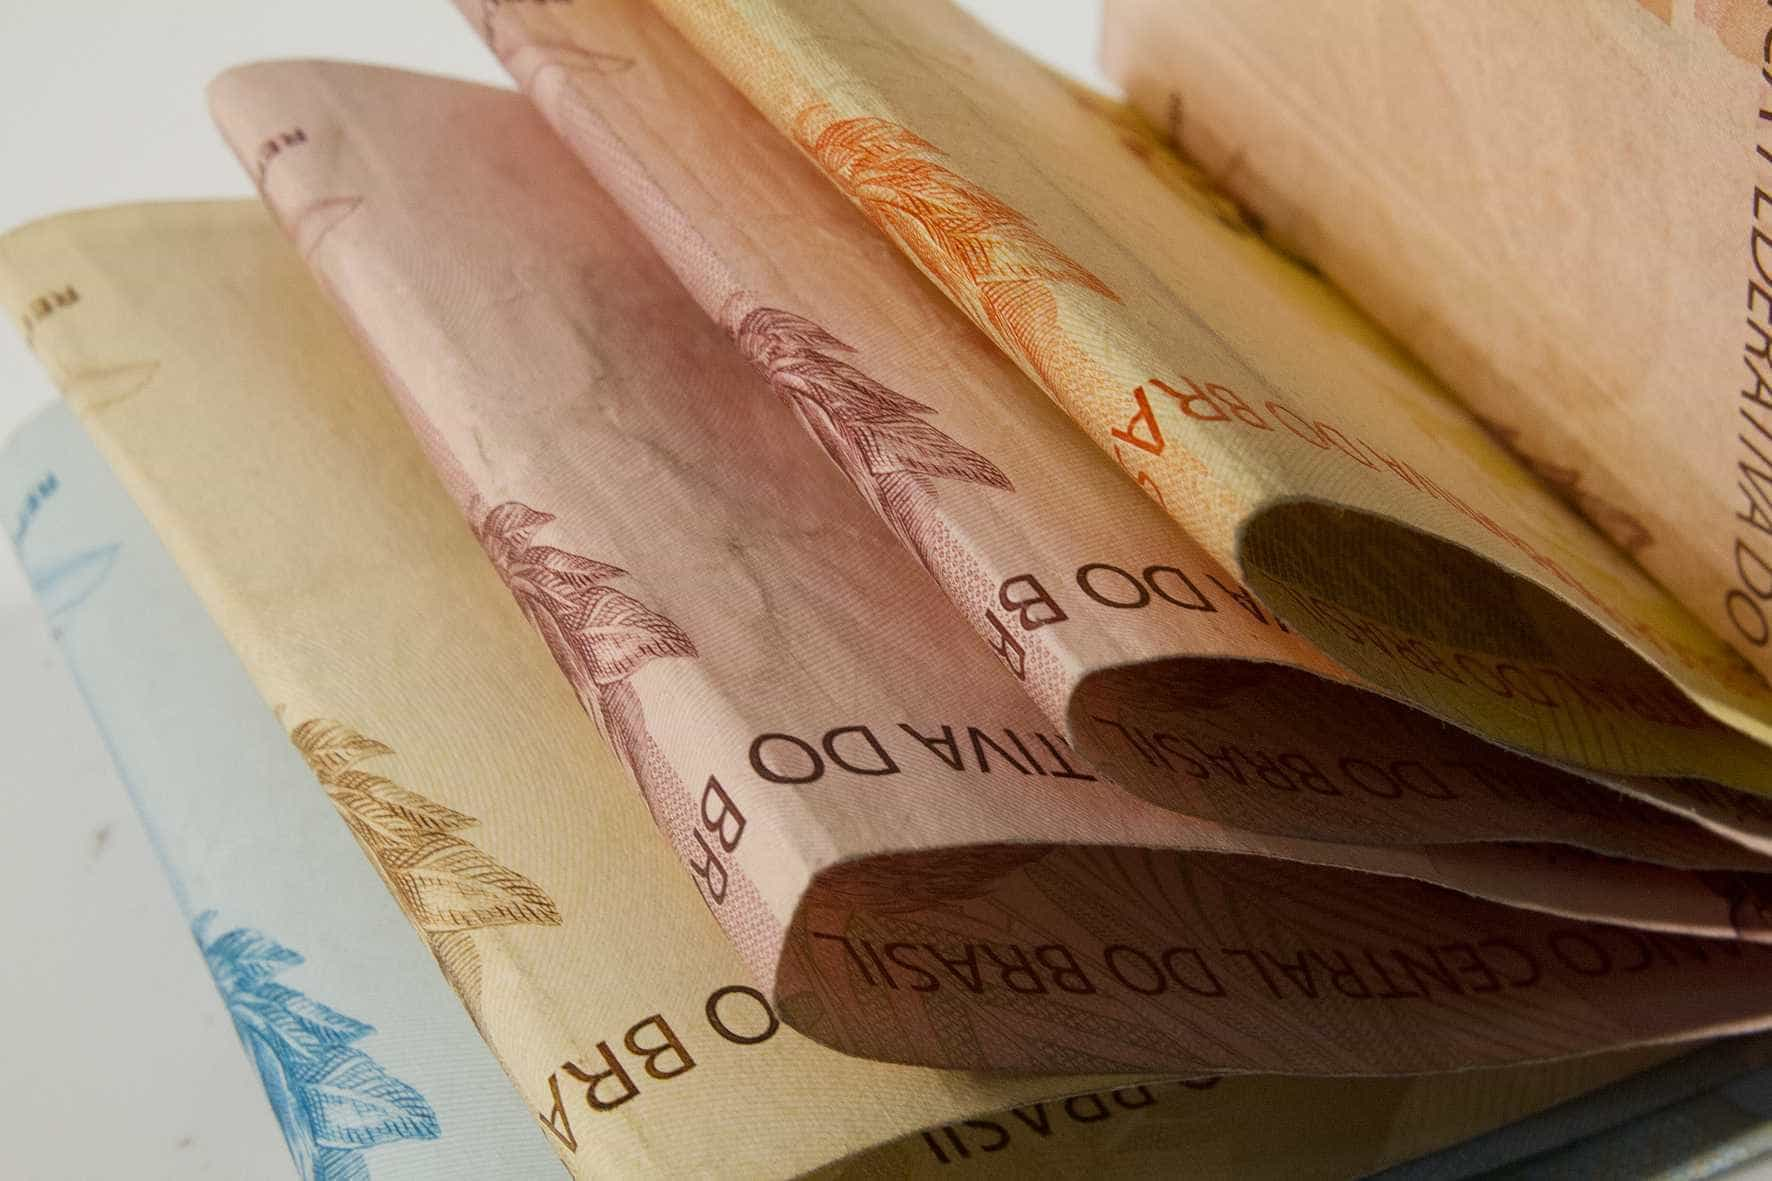 Último lote do abono salarial 2017 será liberado nesta quinta